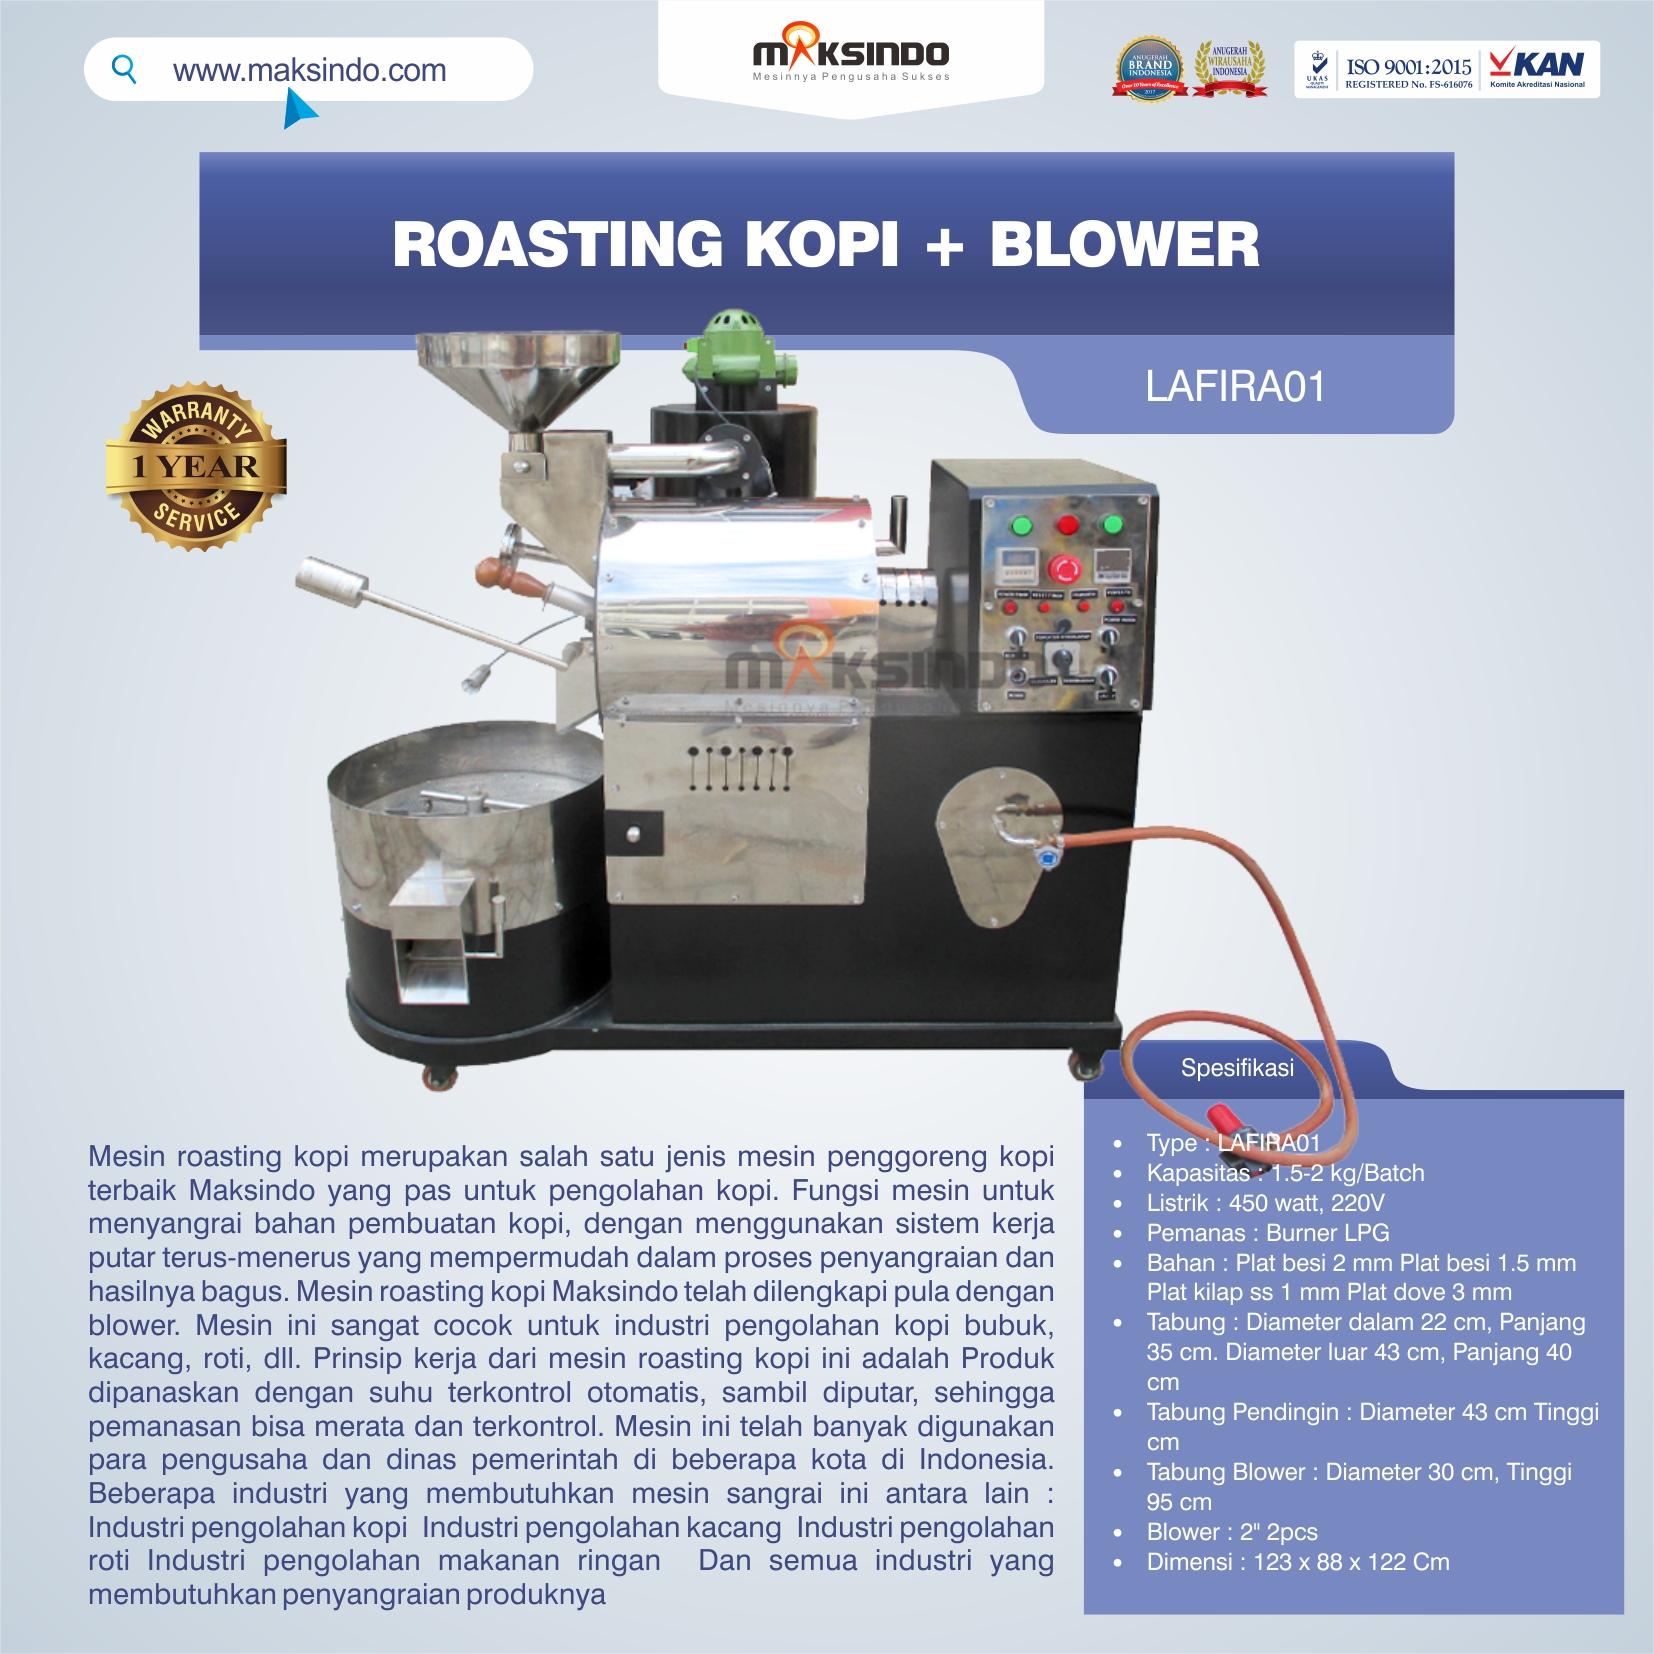 Jual Roasting Kopi + Blower LAFIRA01 di Medan